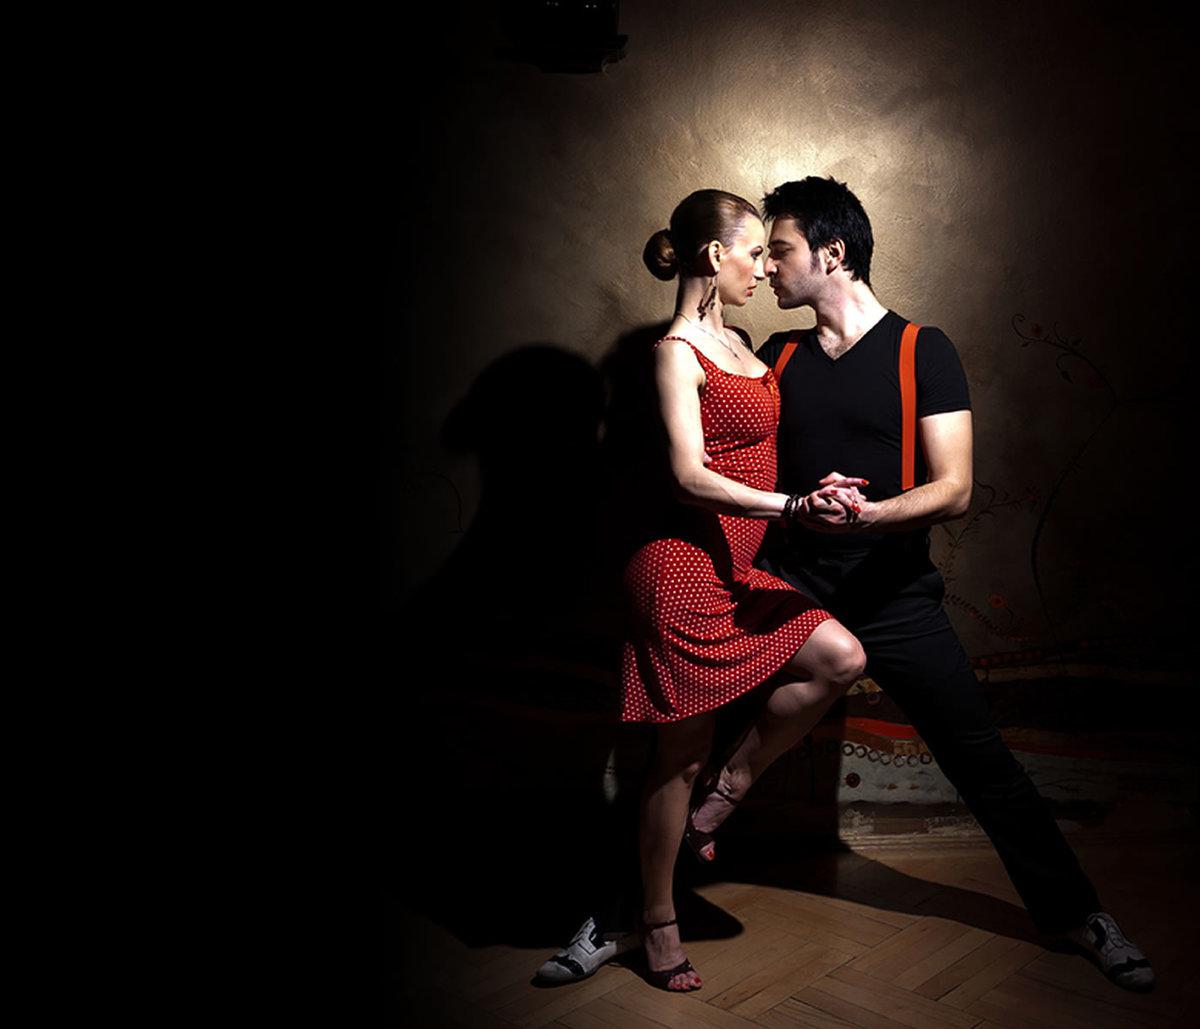 zadzwoń do serwisów randkowych fonochat latino